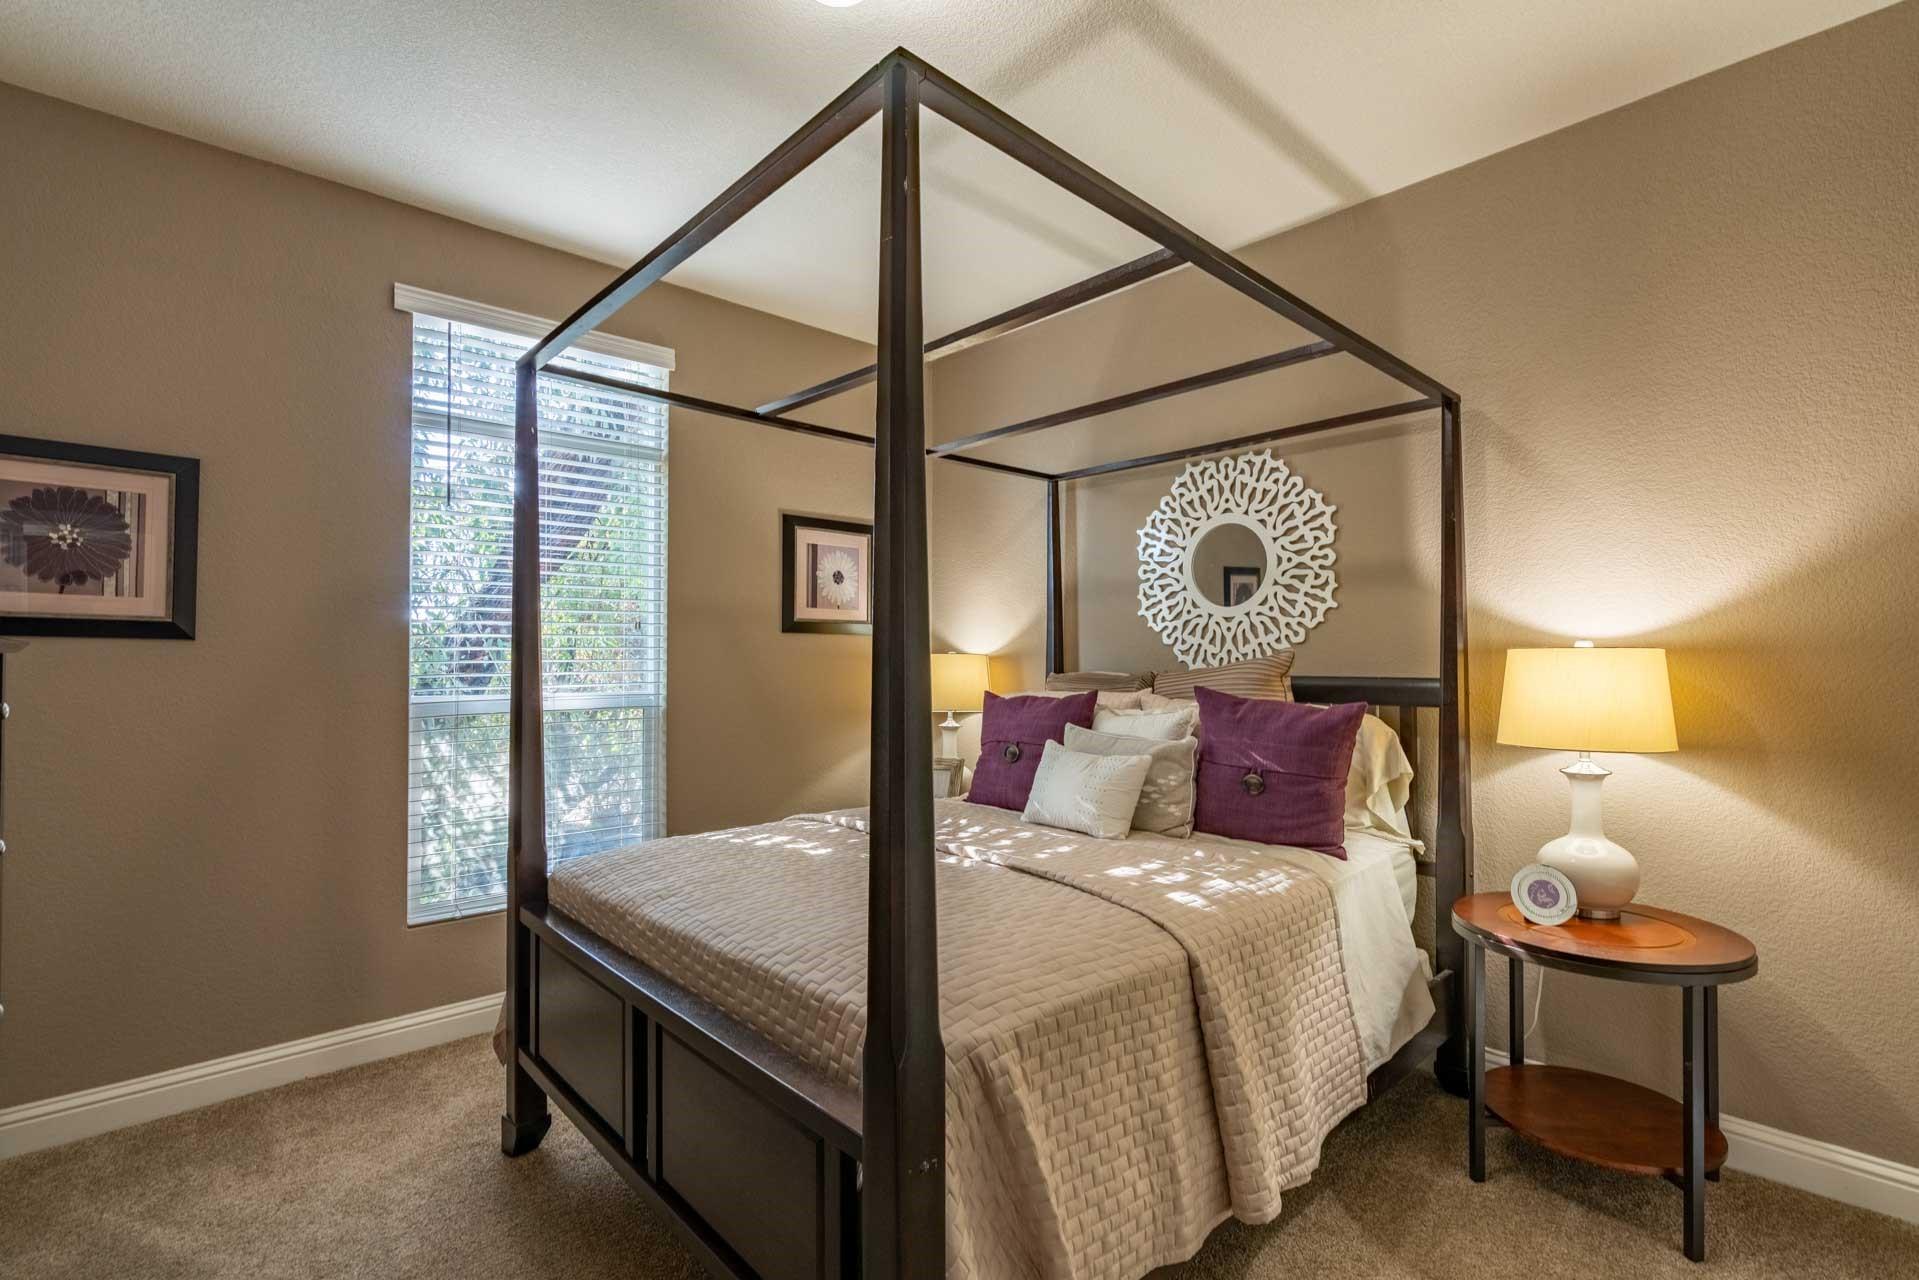 clayton golden west gle601s Bedroom